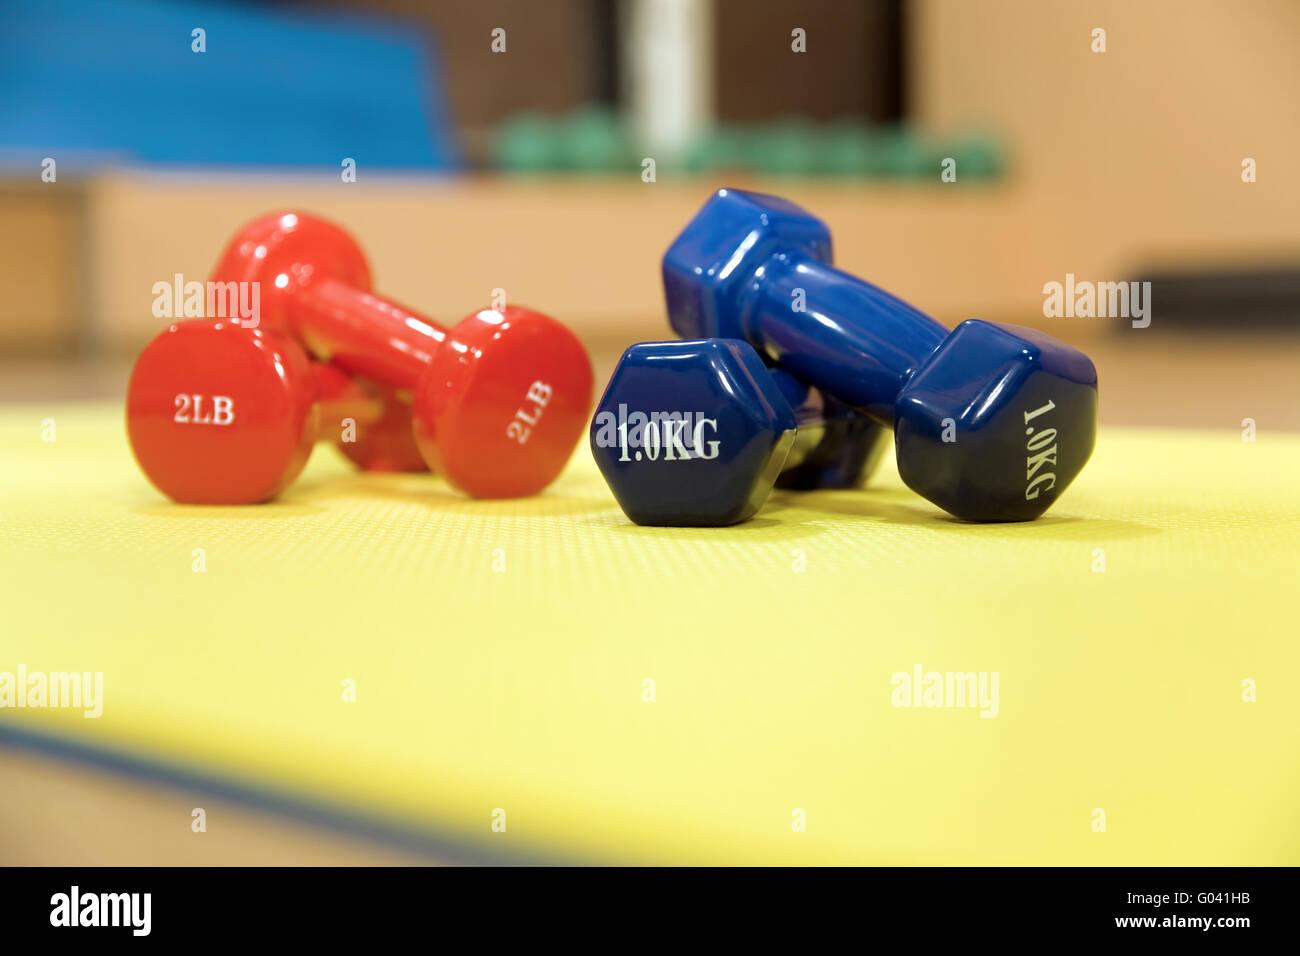 Rojo y azul de las pesas en una moderna sala de deportes Imagen De Stock